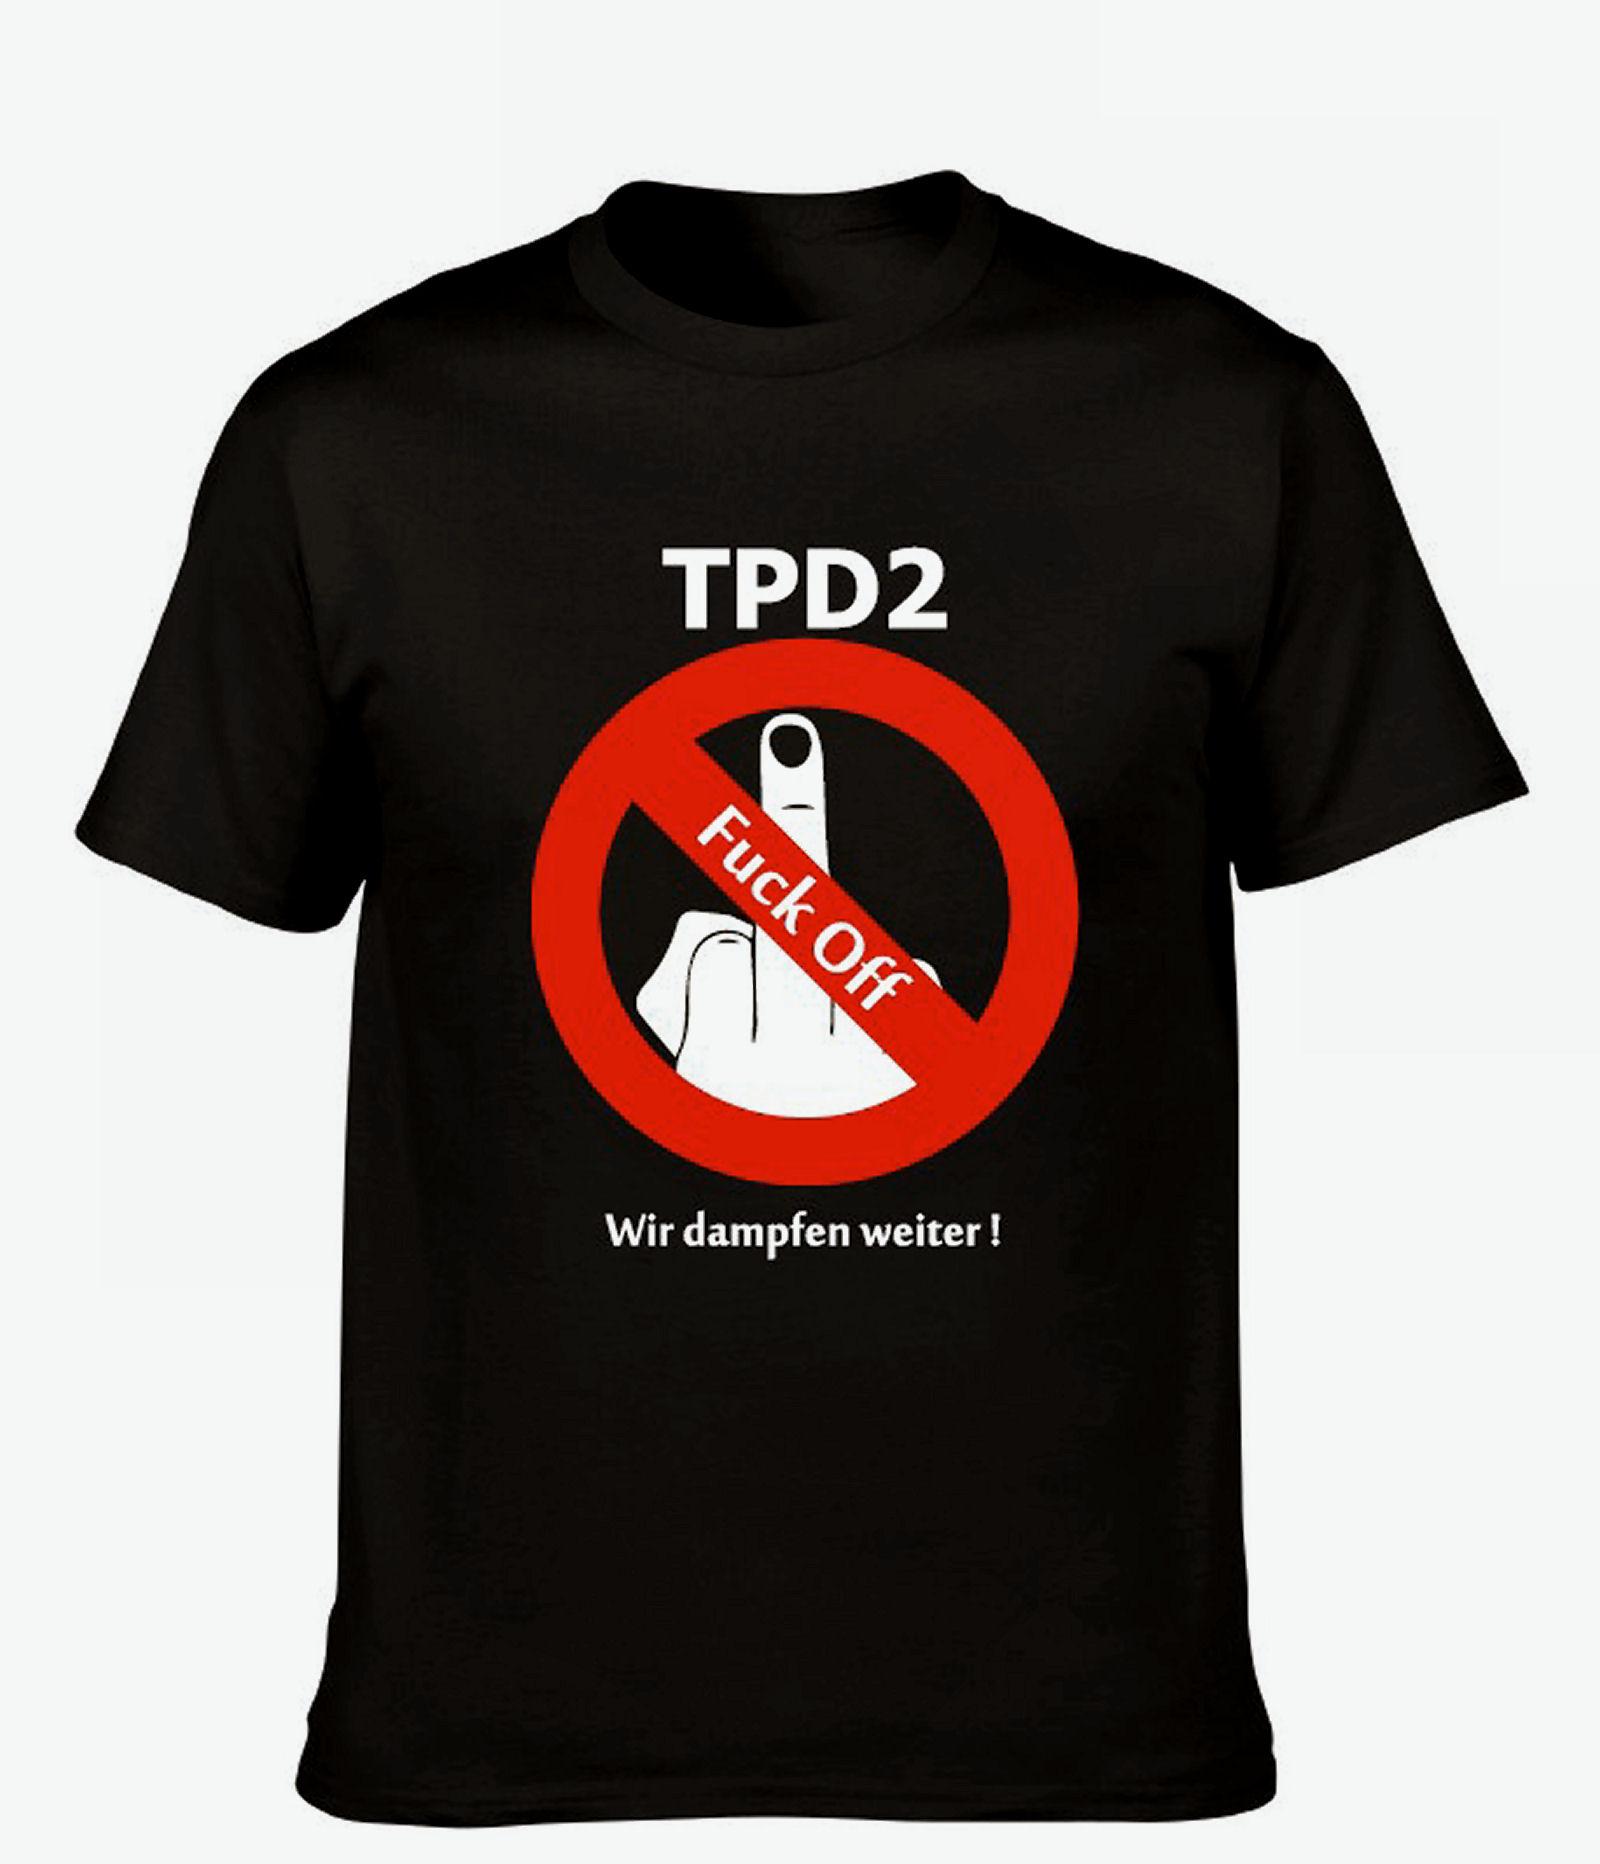 Dampfer T-Shirt TPD2 Größe XXL